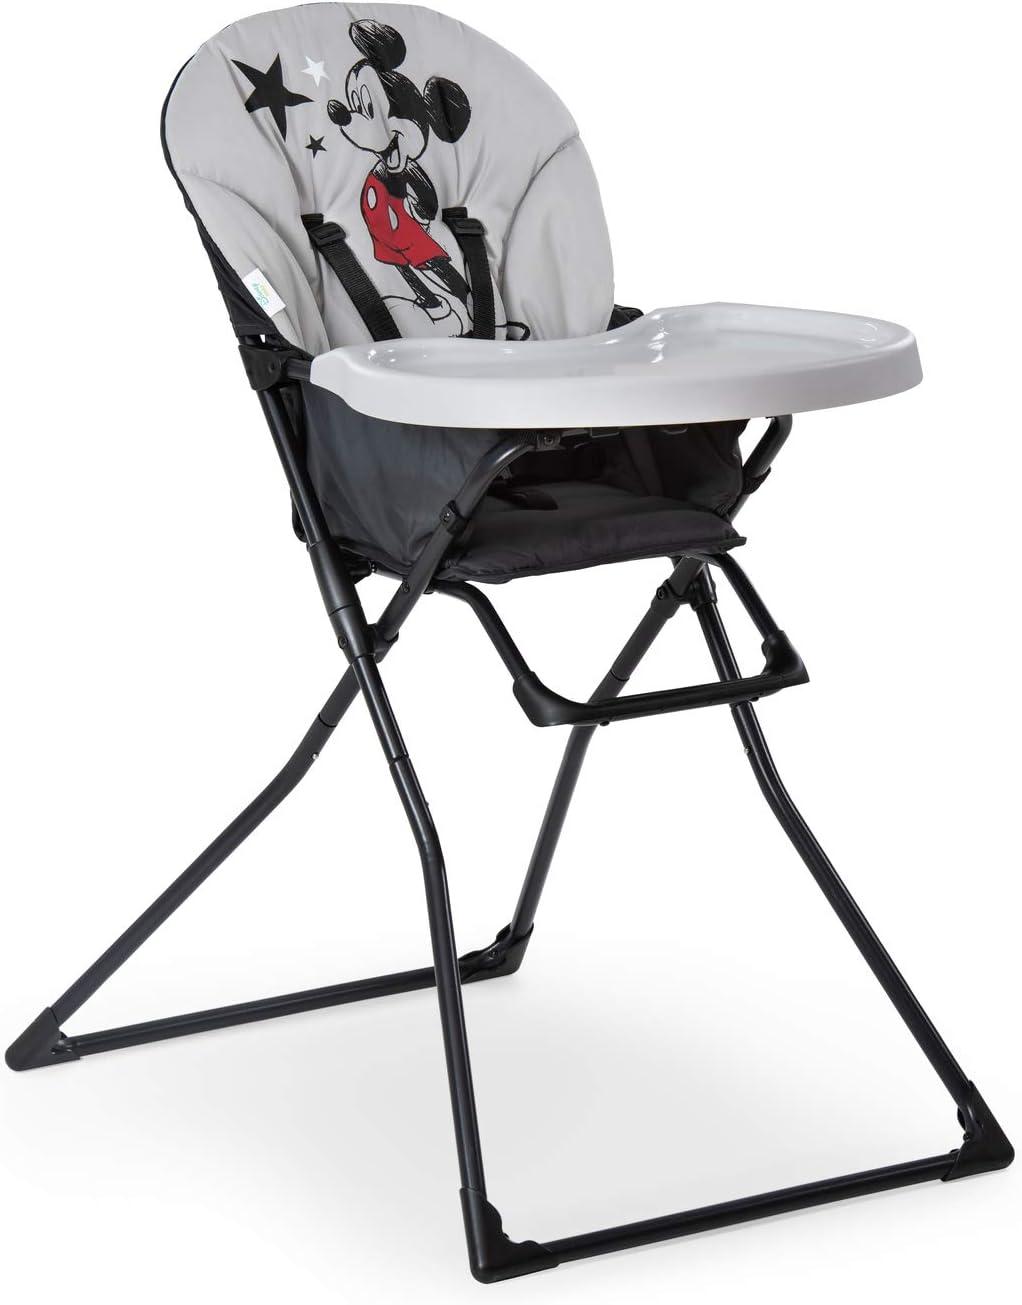 Pliable /à partir de 6 mois Hauck Noir Pooh Geo Plateau Repas avec Approfondissement pour Boissons Chaise Haute Mac Baby